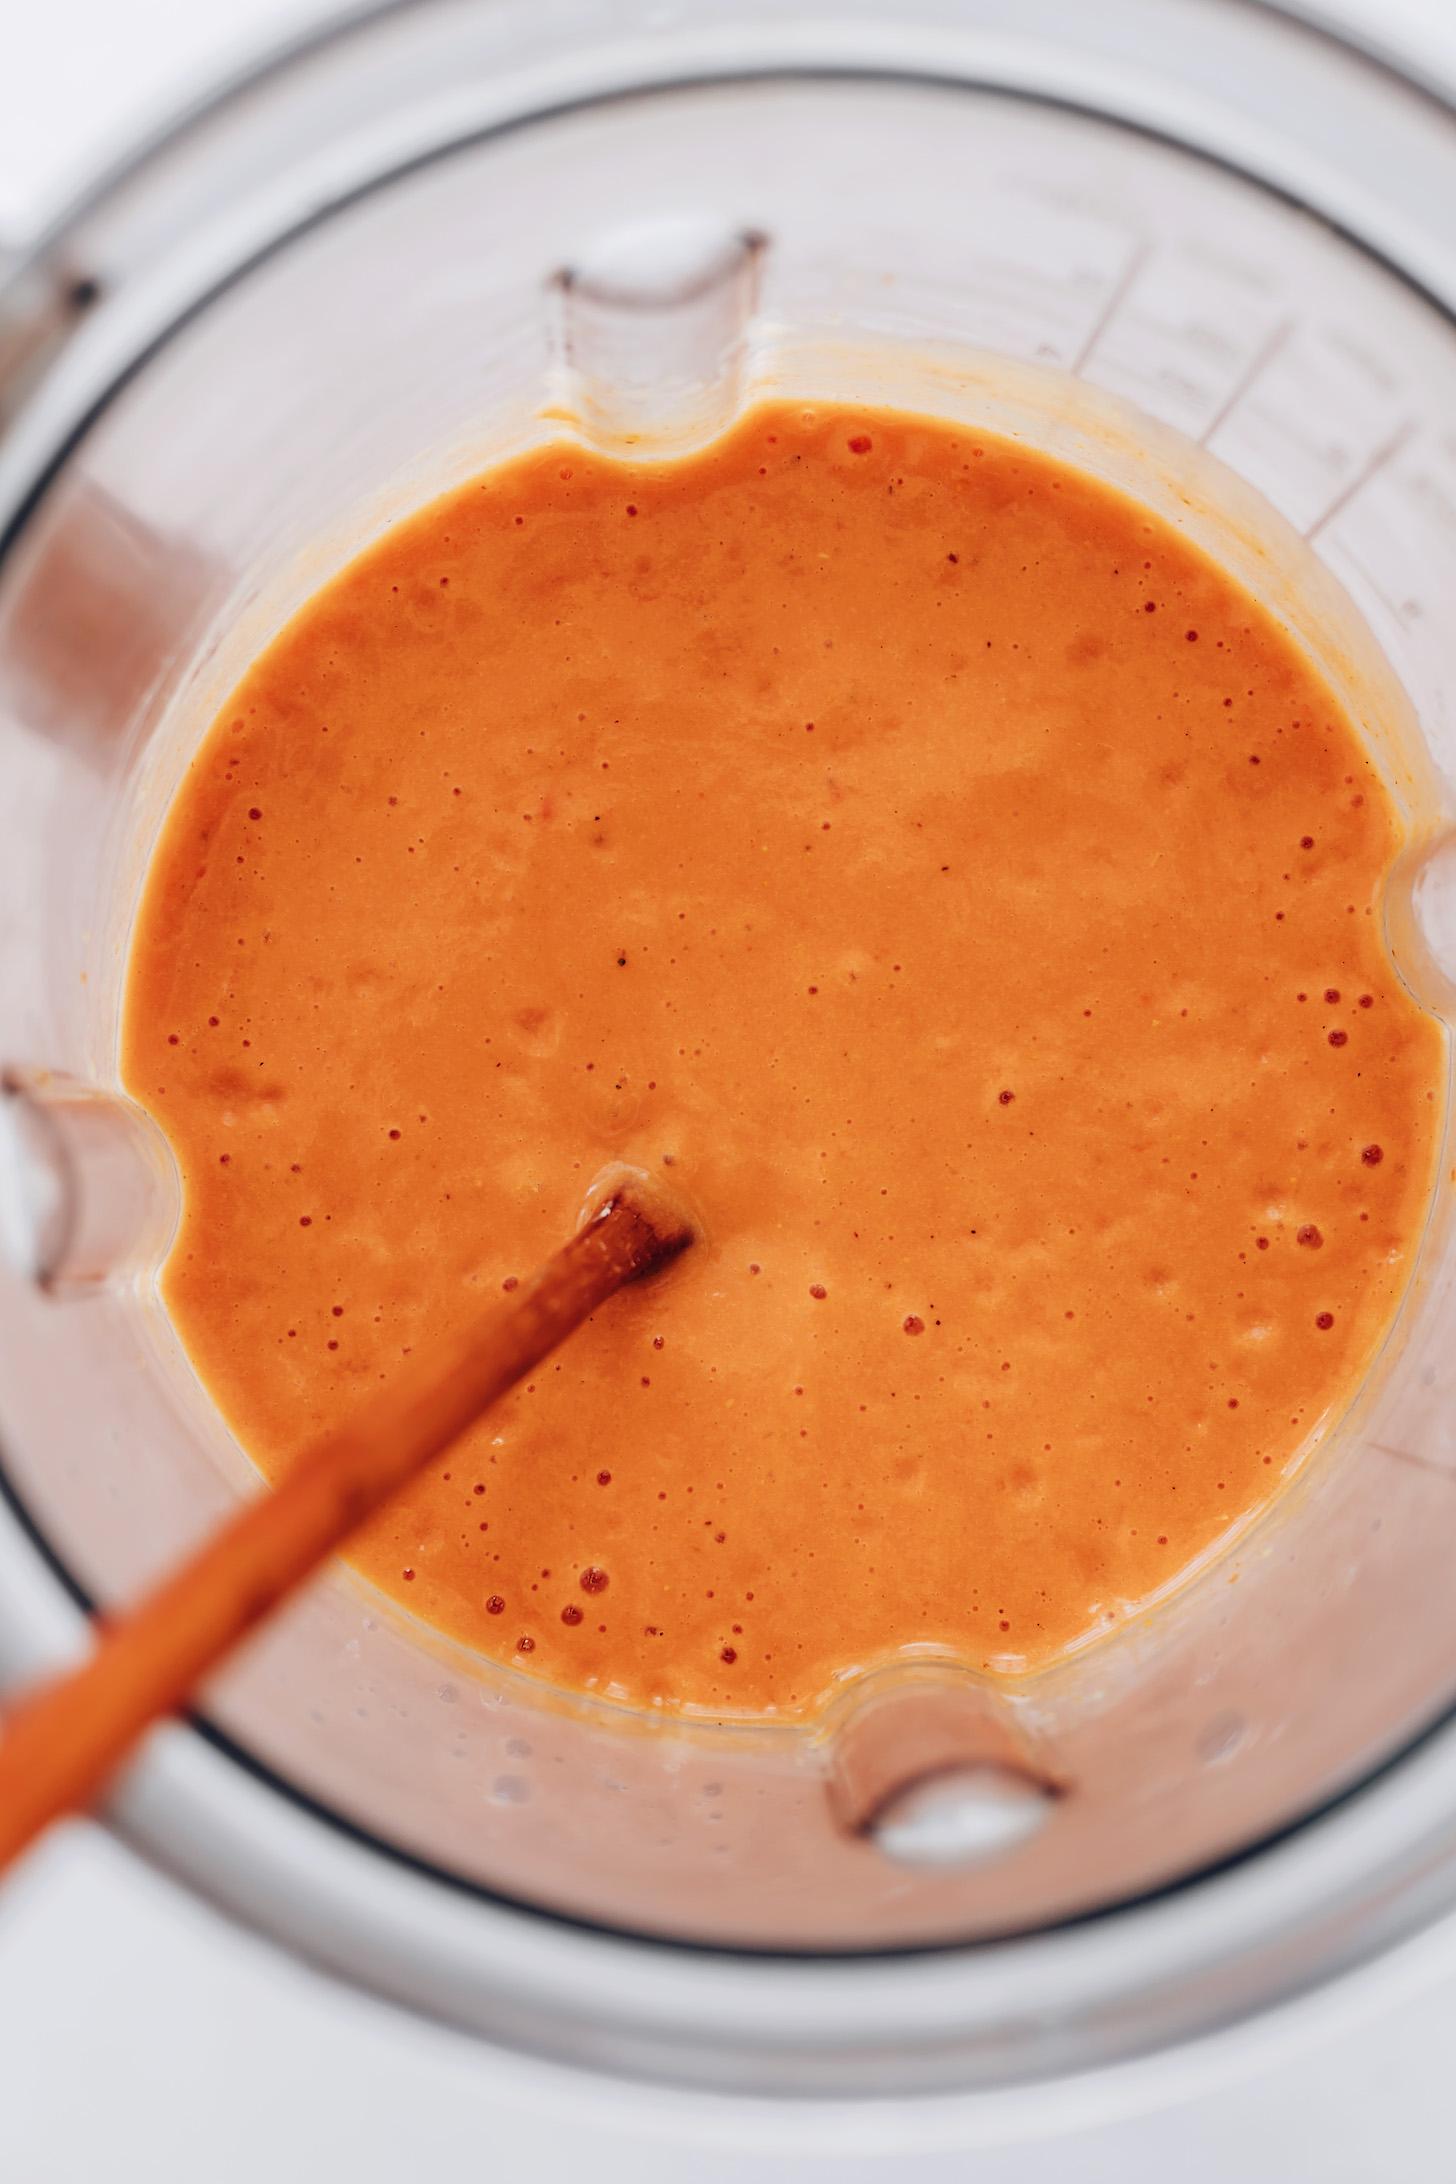 Közlenmiş kırmızı biber sosu blenderi